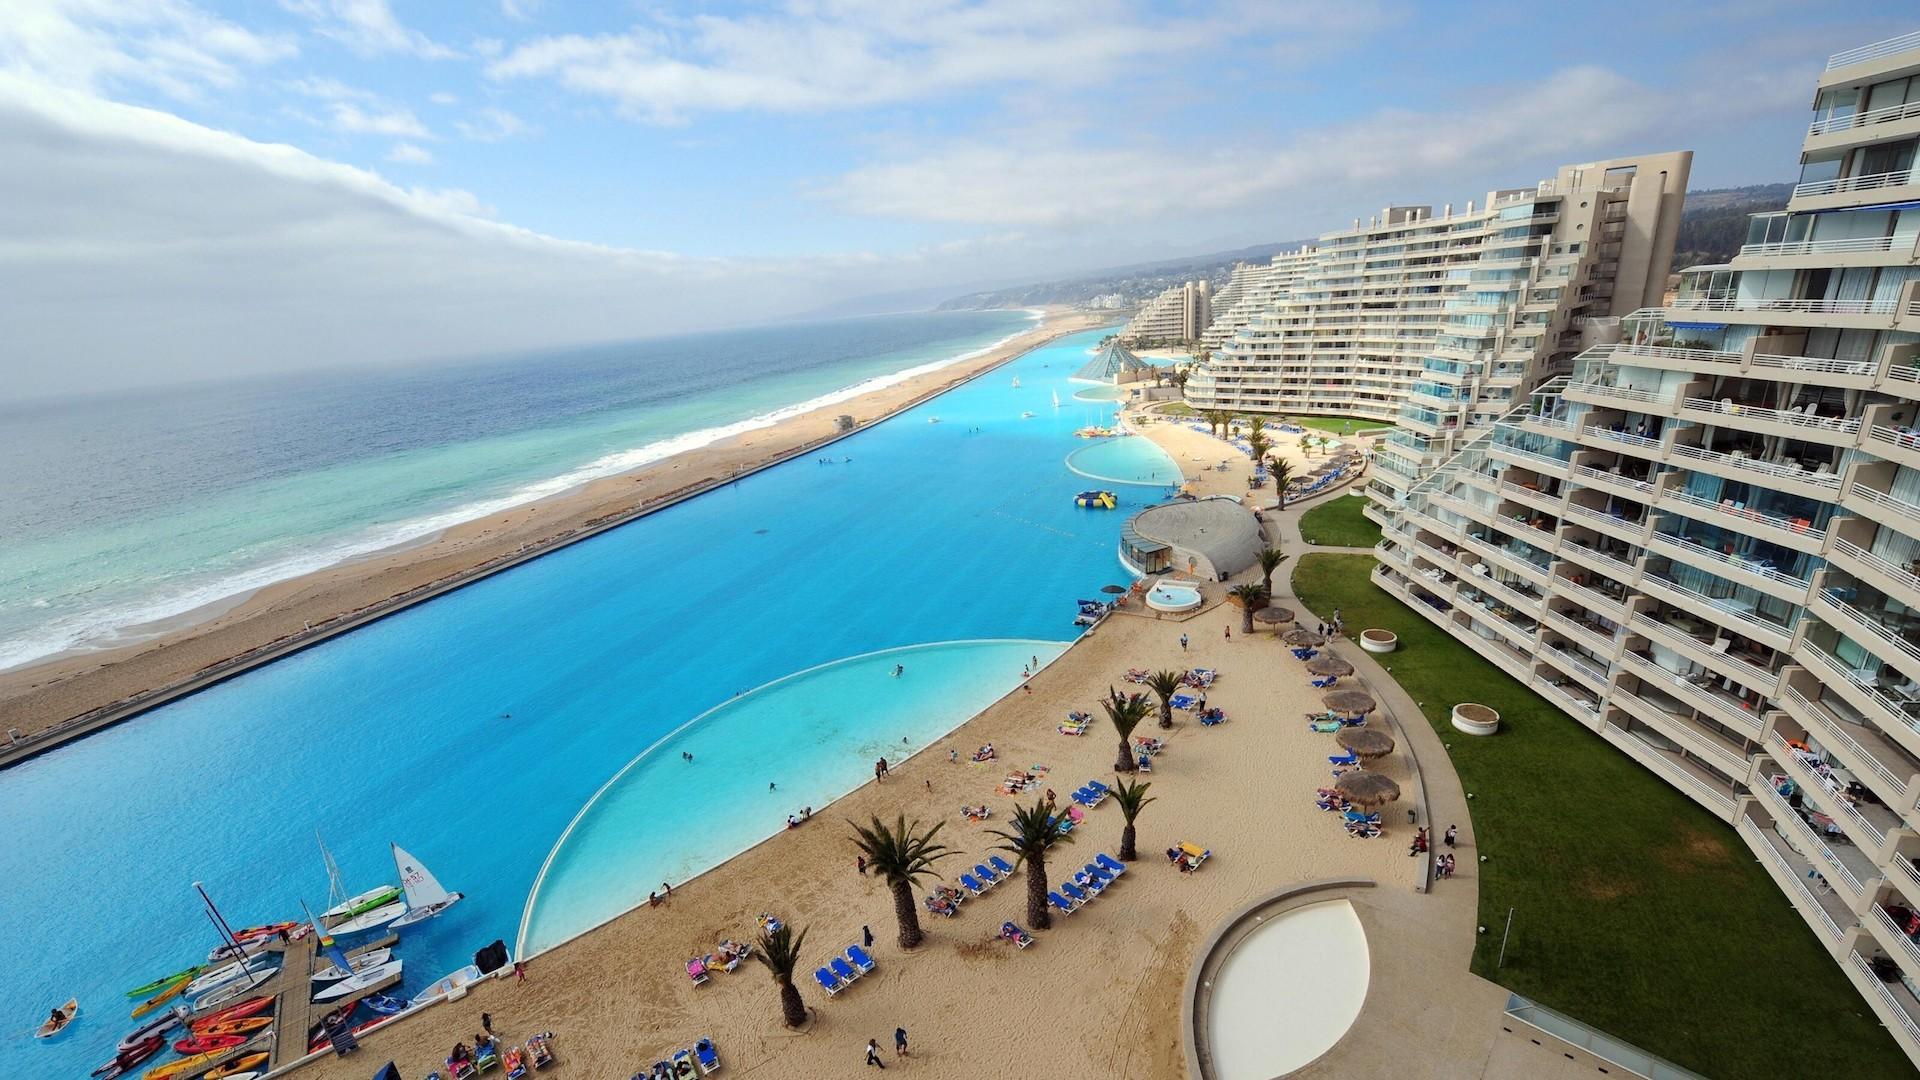 La piscina más sorprendente del mundo está en Latinoamérica